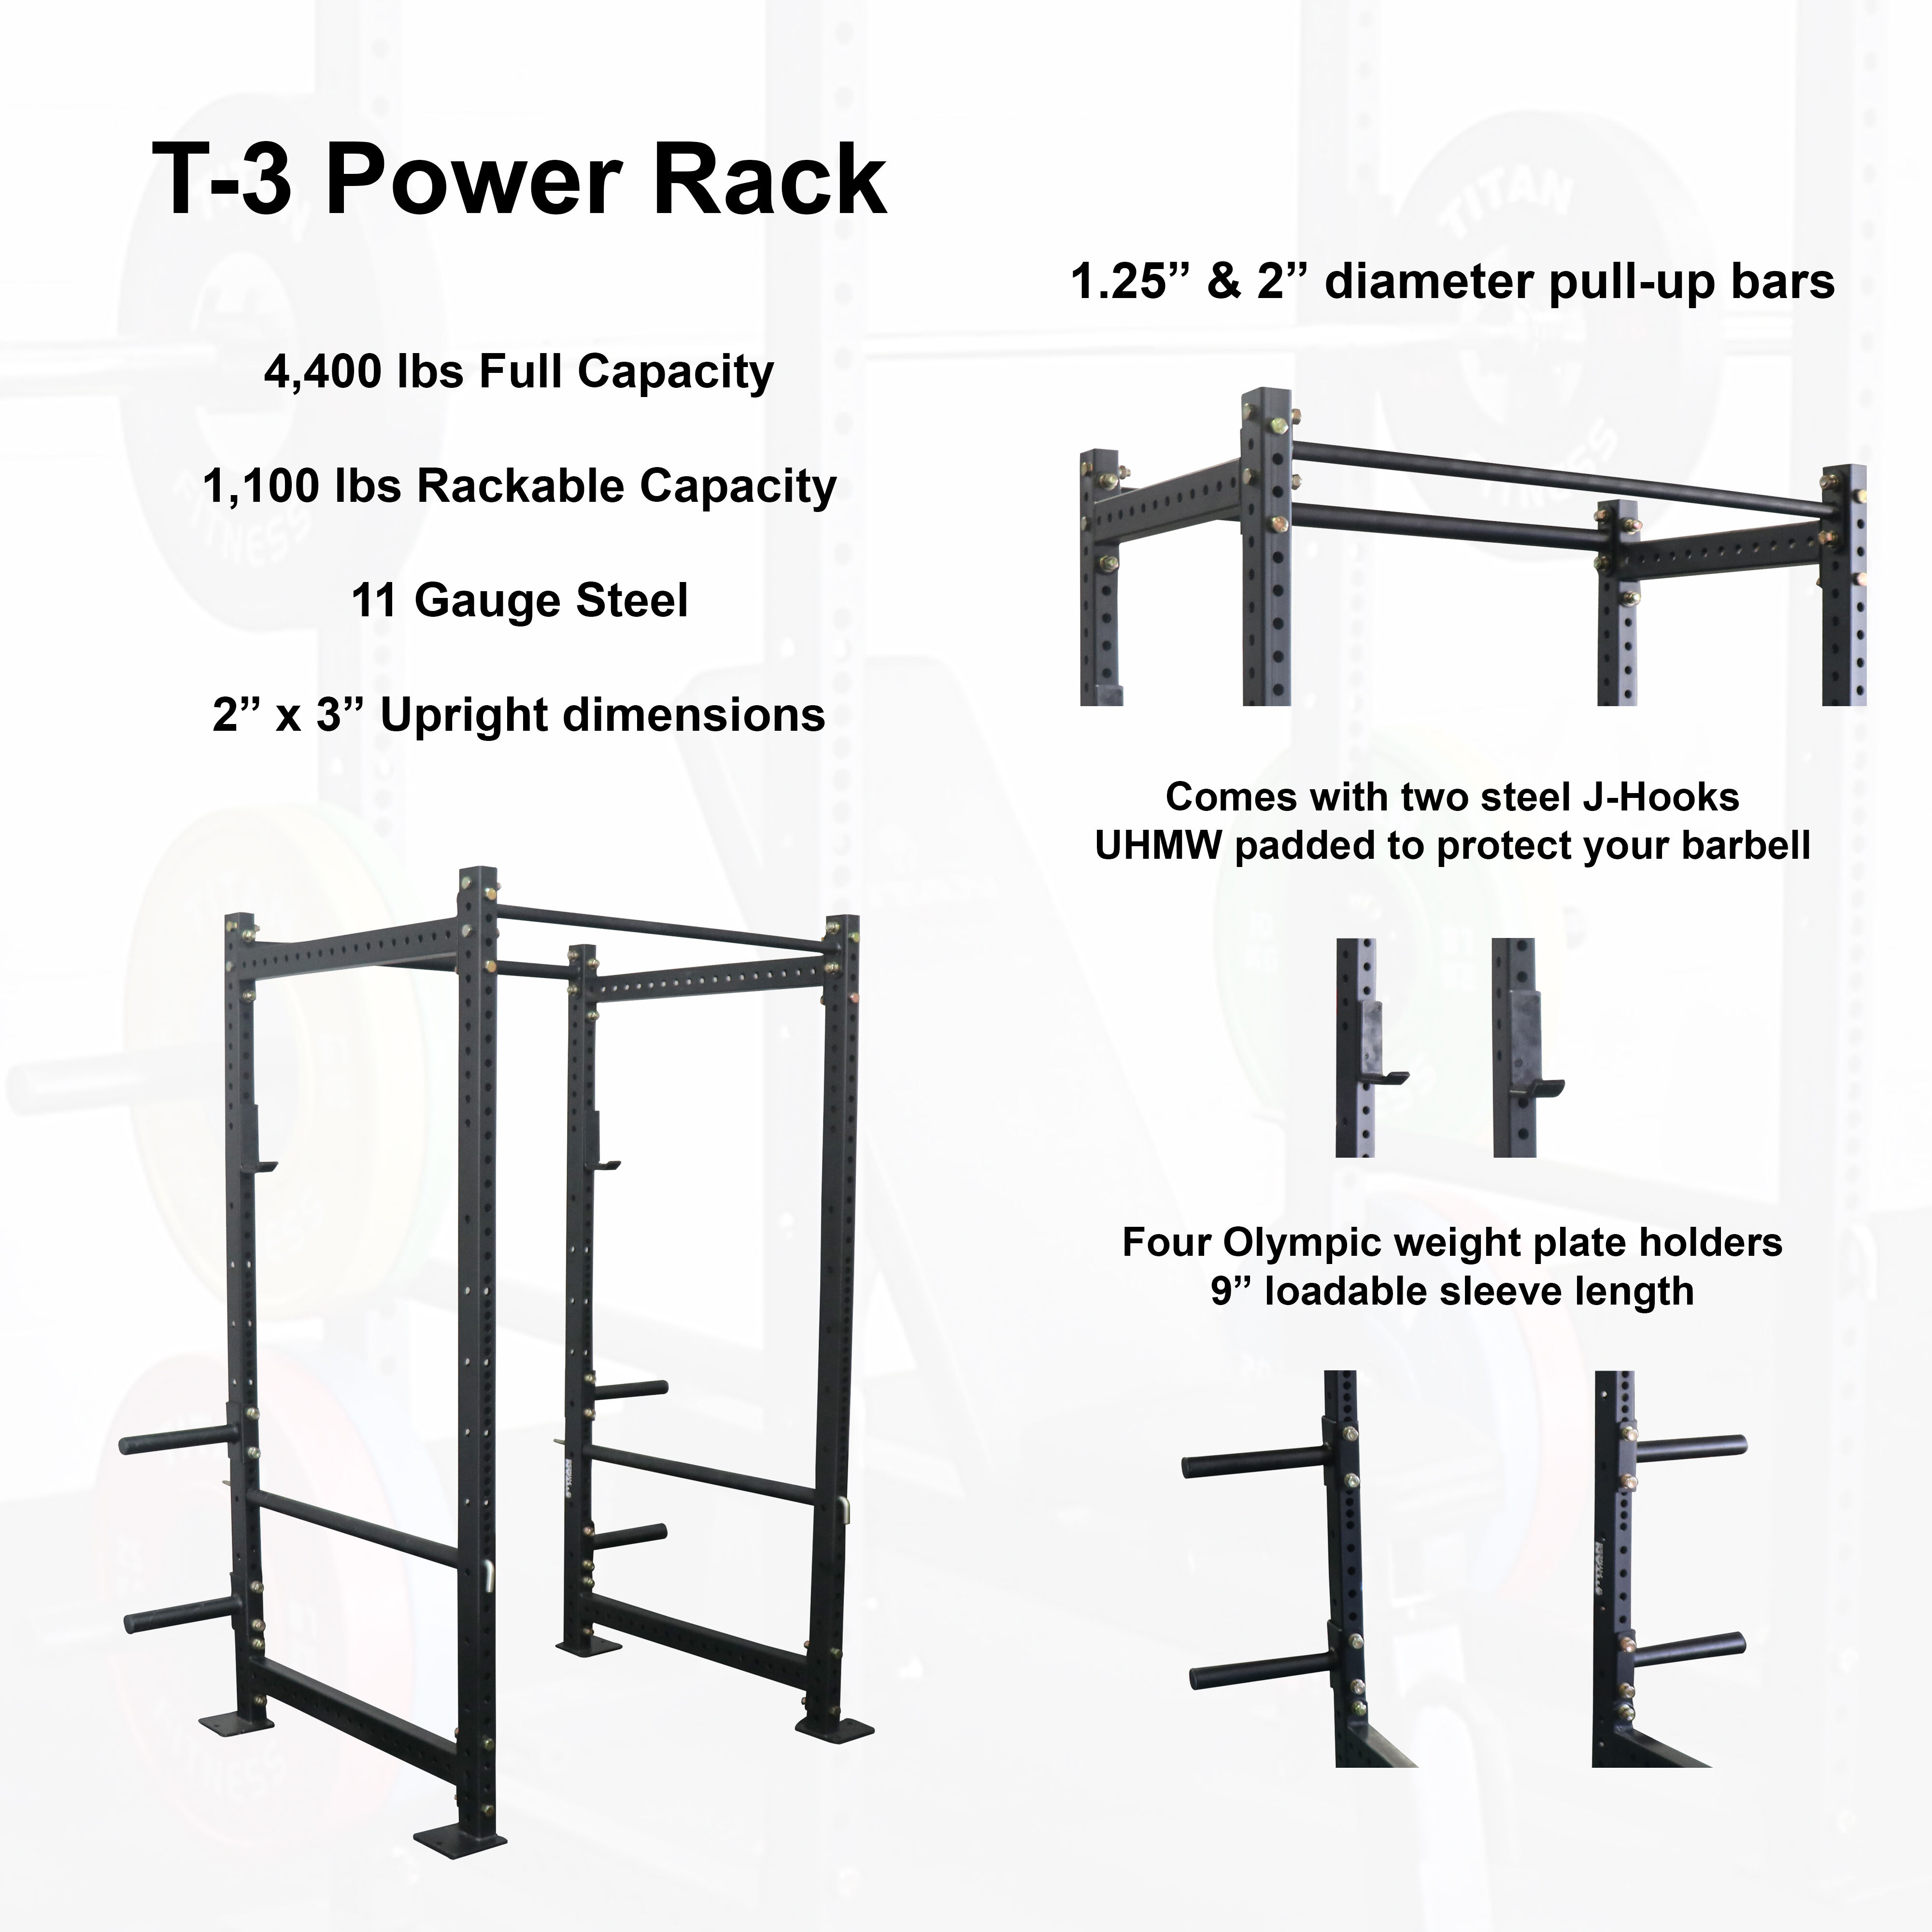 sporting goods 36 extension kit for t 3 short power rack fitness running yoga